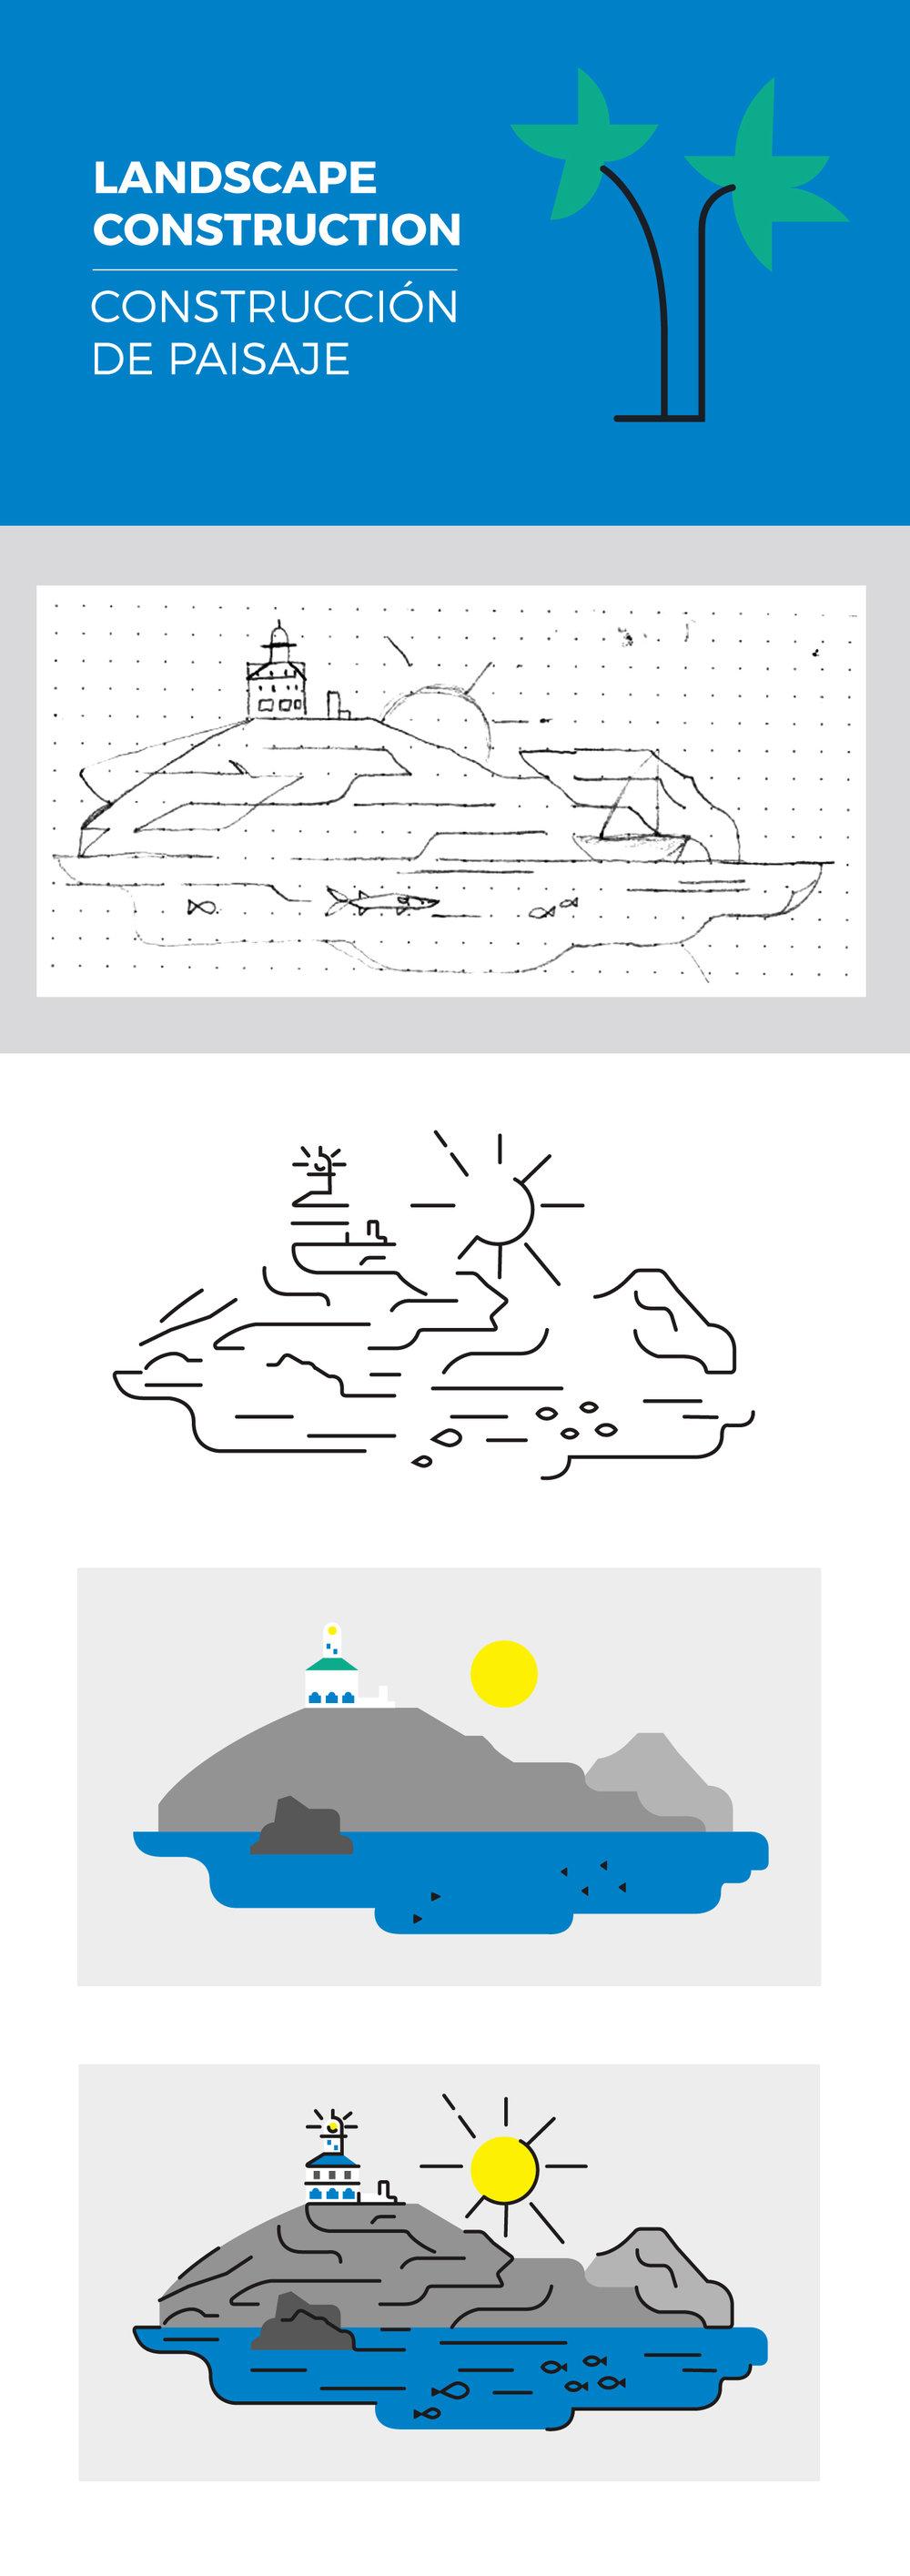 jaime_hayde_illustrations_comunitat_valenciana.jpg